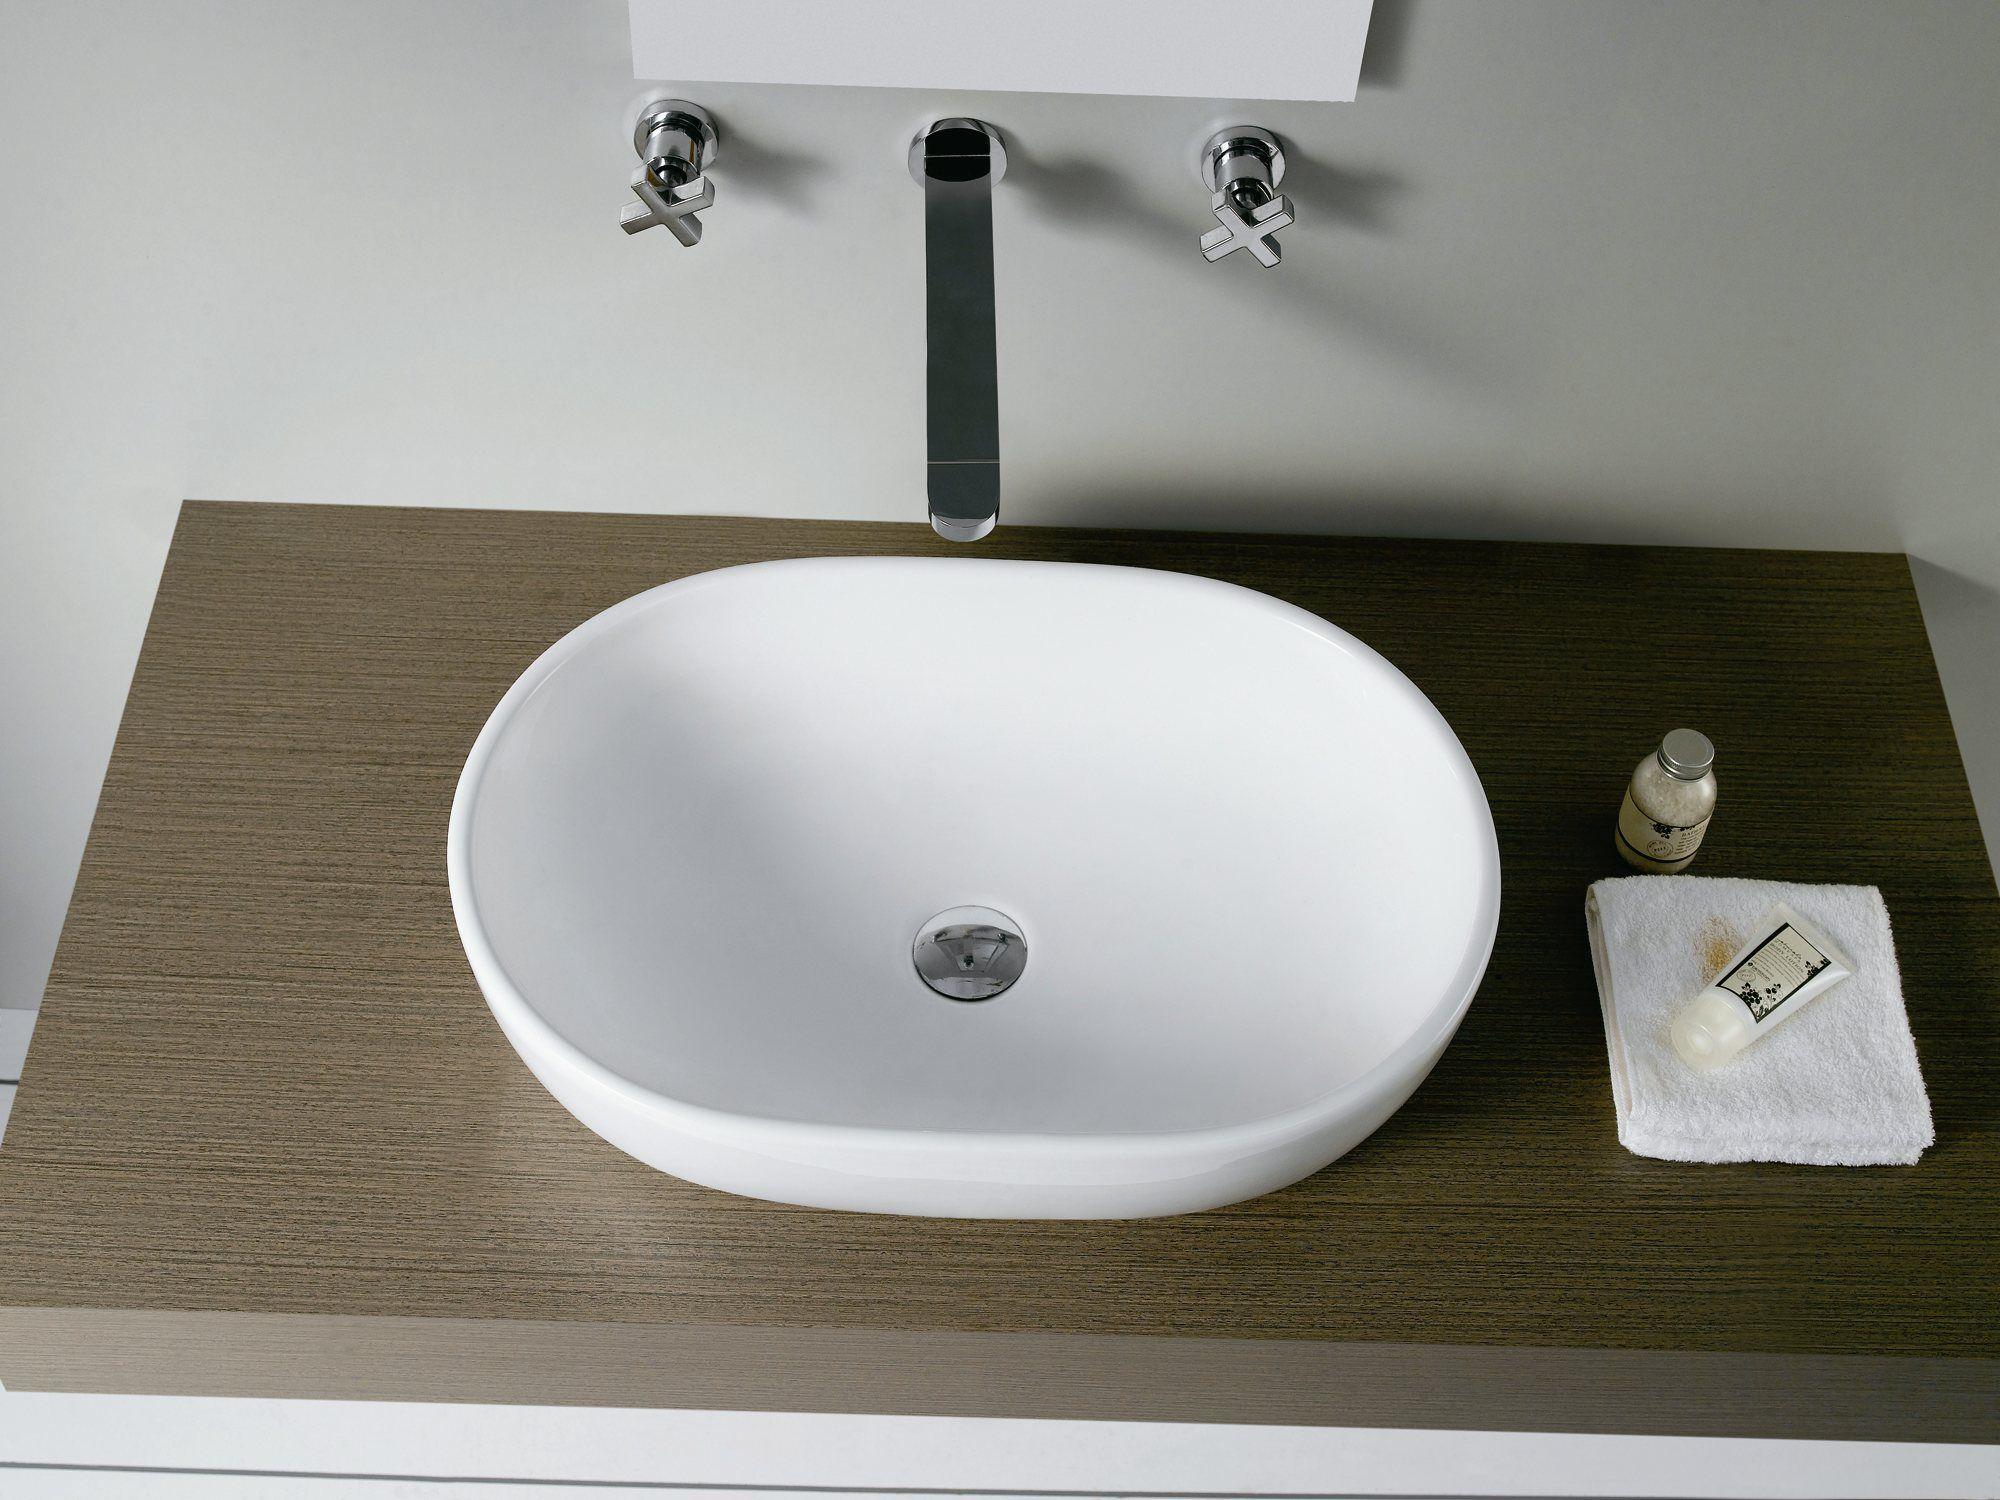 Lavabo toulouse oval de porcelana sobre encimera sin for Embellecedor rebosadero lavabo